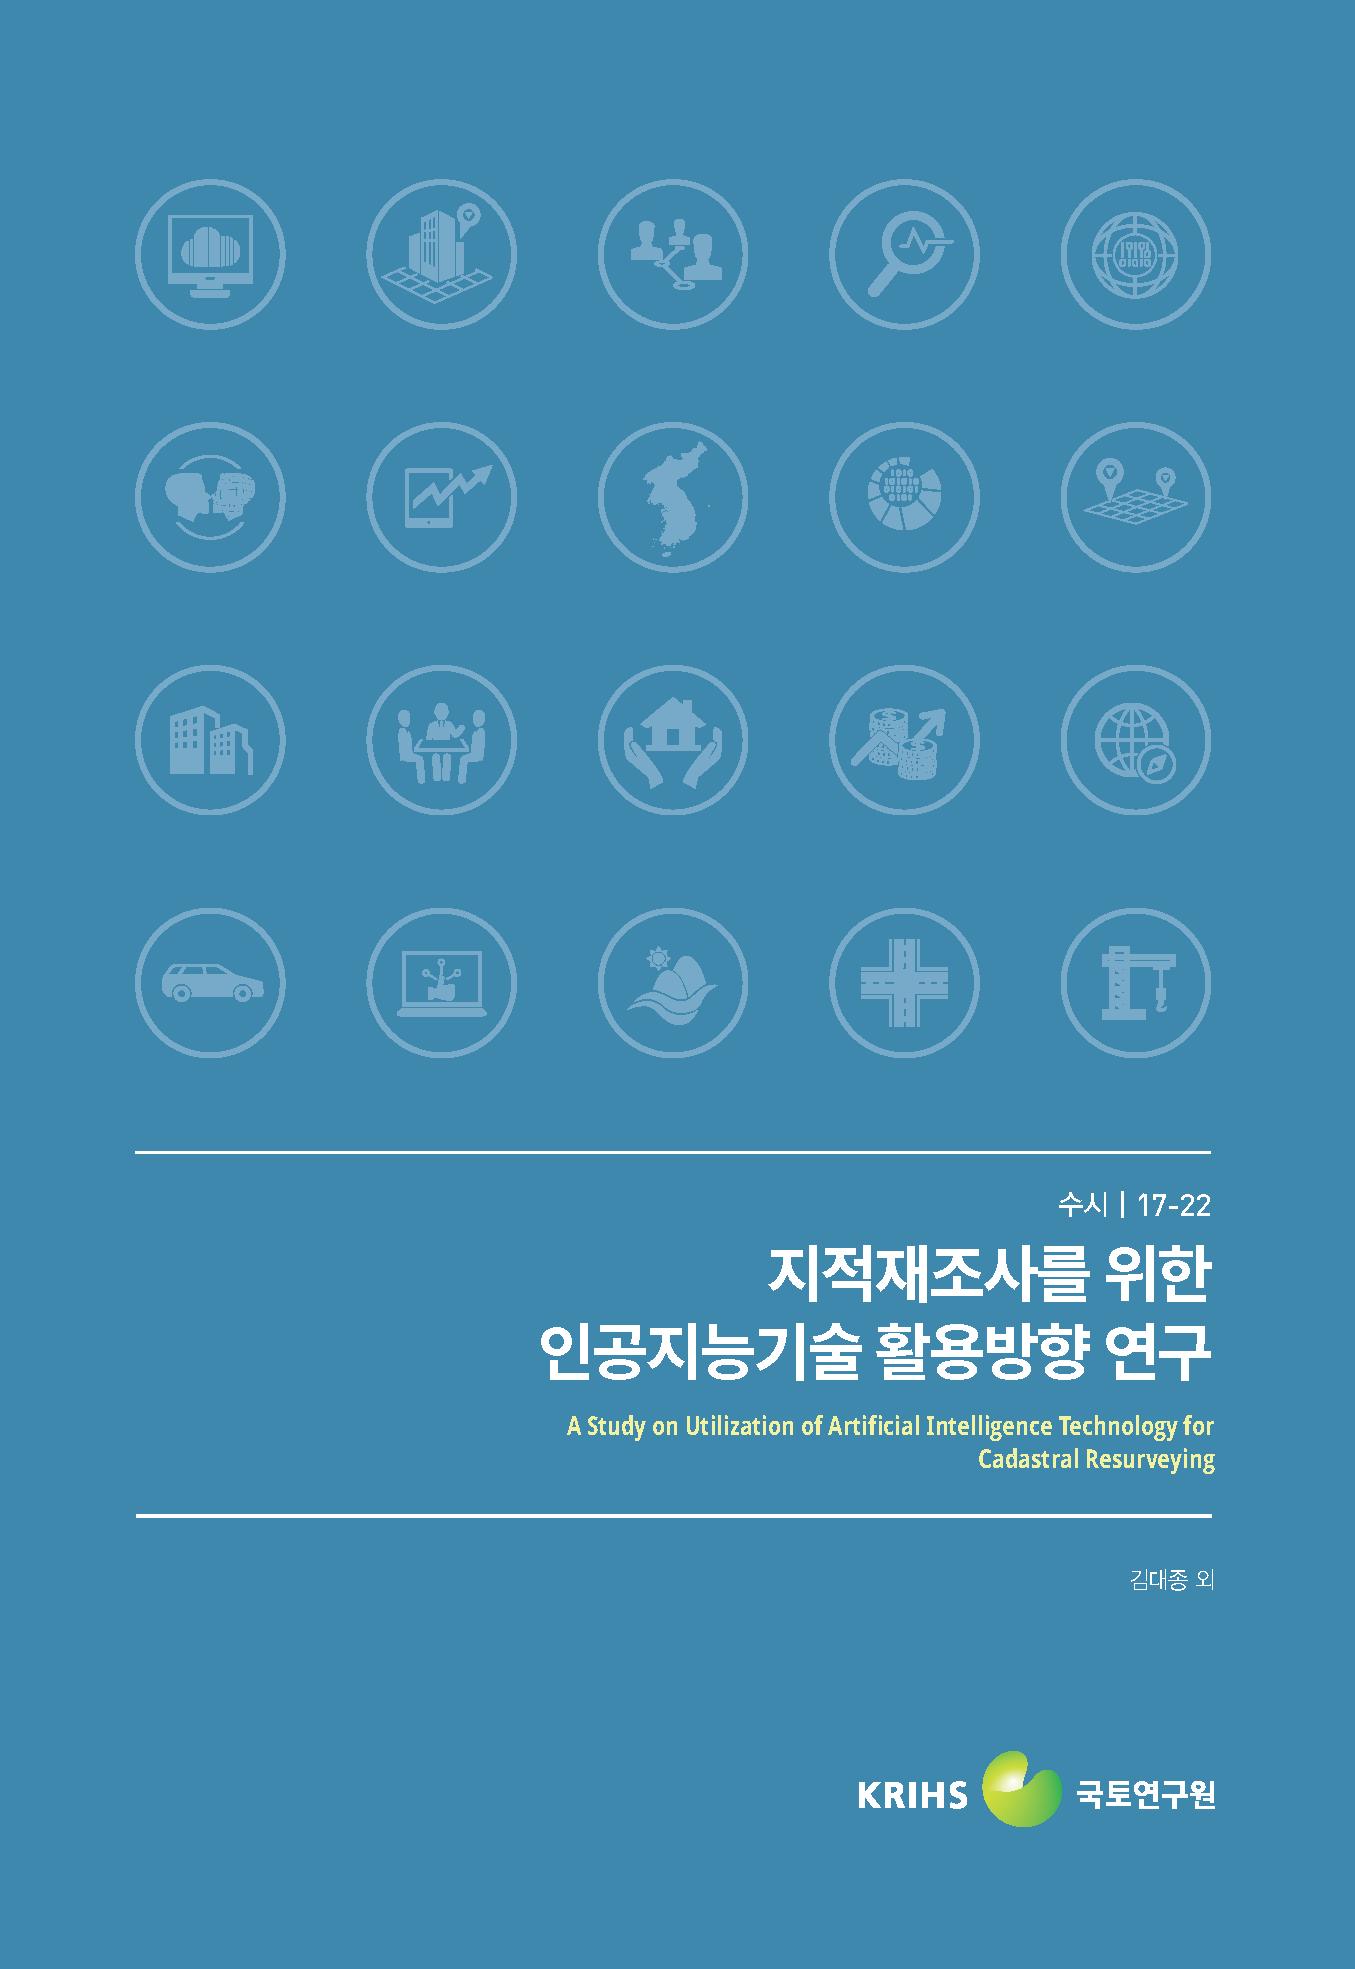 지적재조사를 위한 인공지능기술 활용방향 연구표지